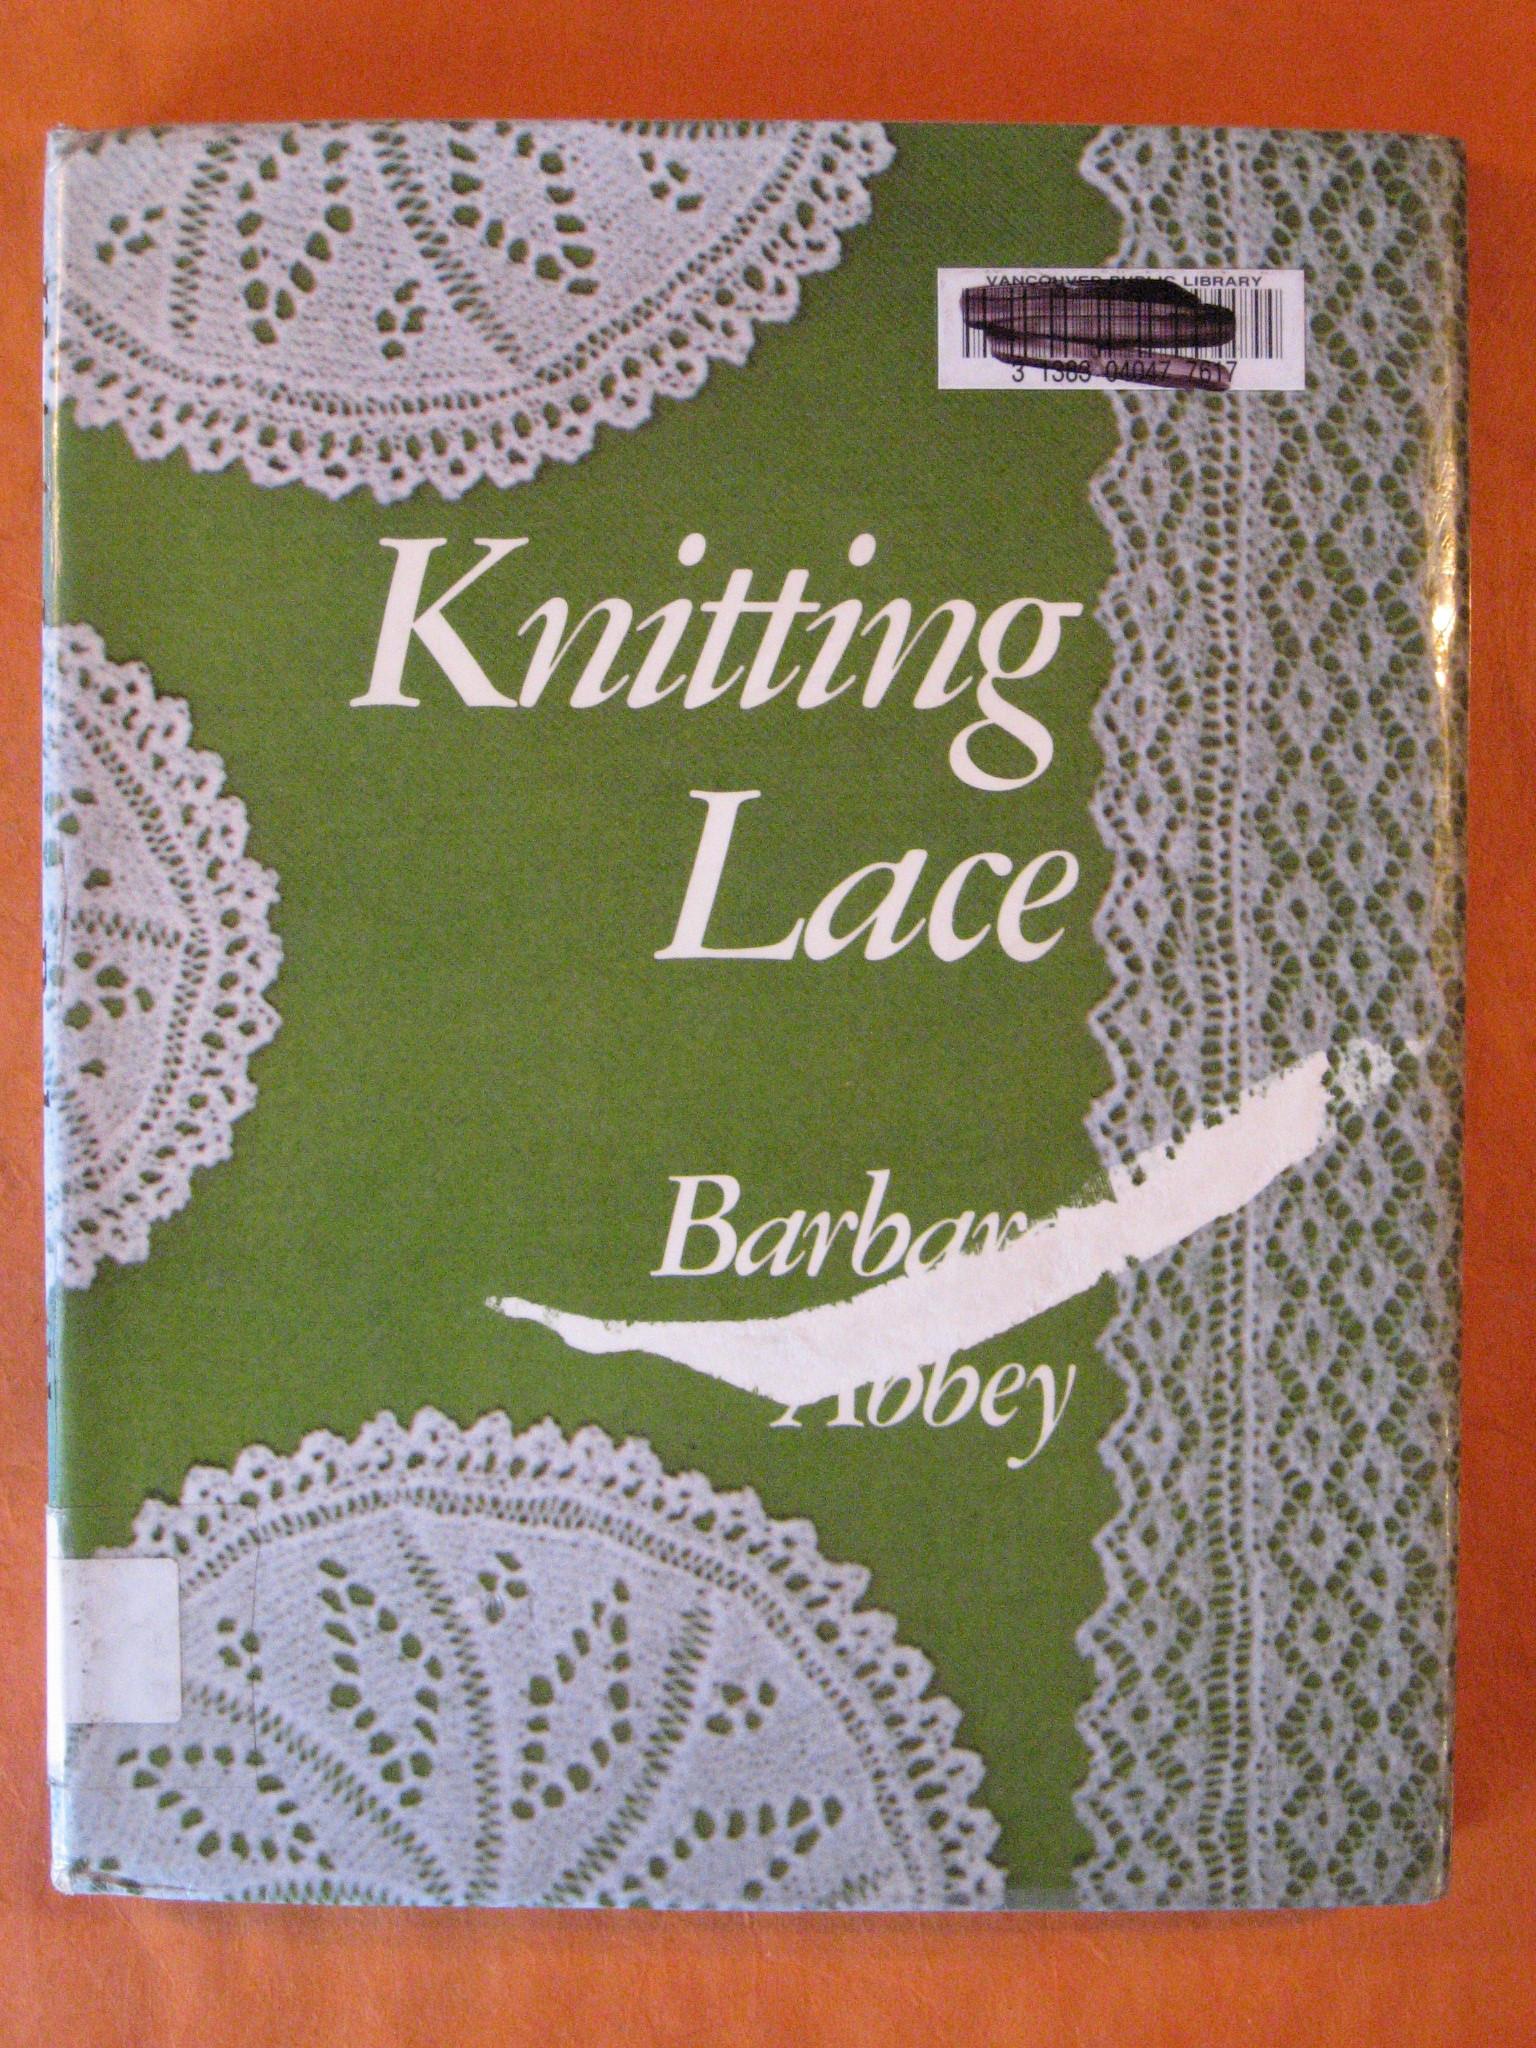 Knitting Lace, Abbey, Barbara